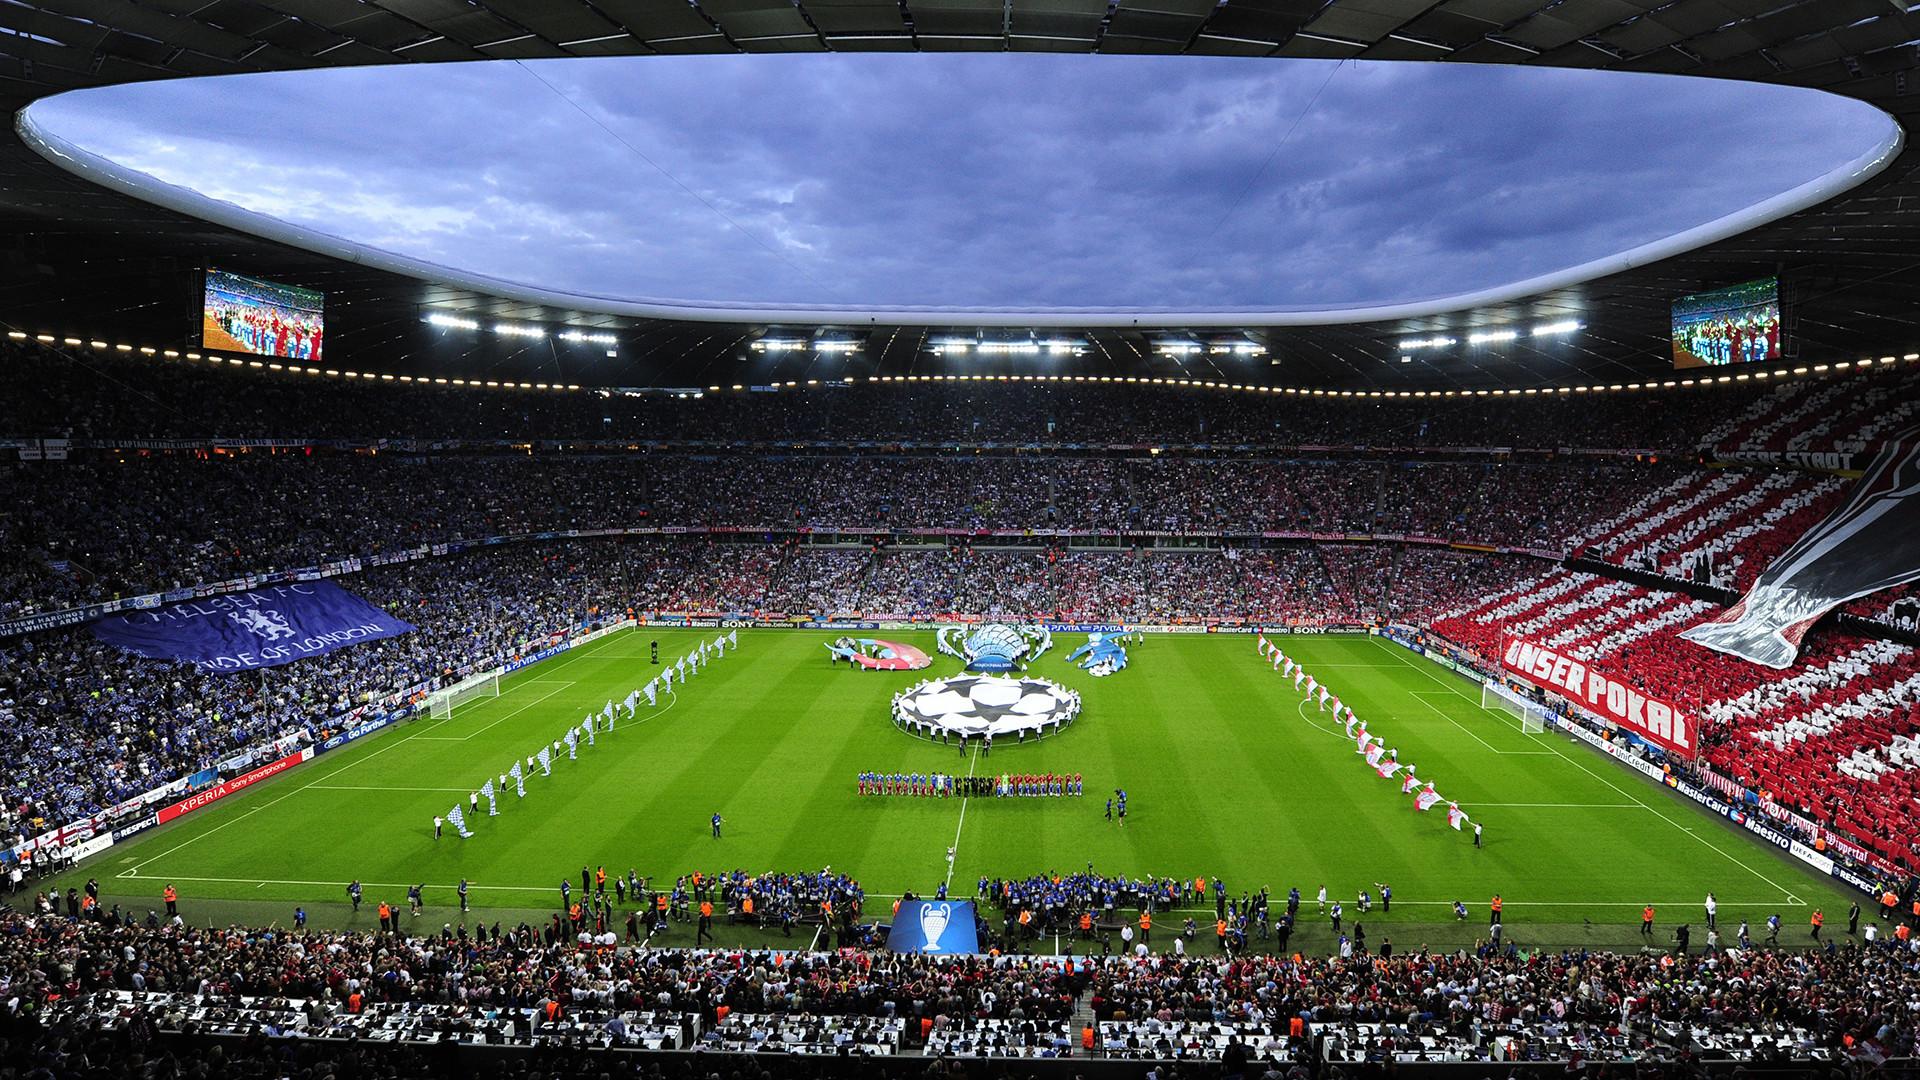 Res: 1920x1080, download-uefa-champions-league-wallpaper--WTG20065787